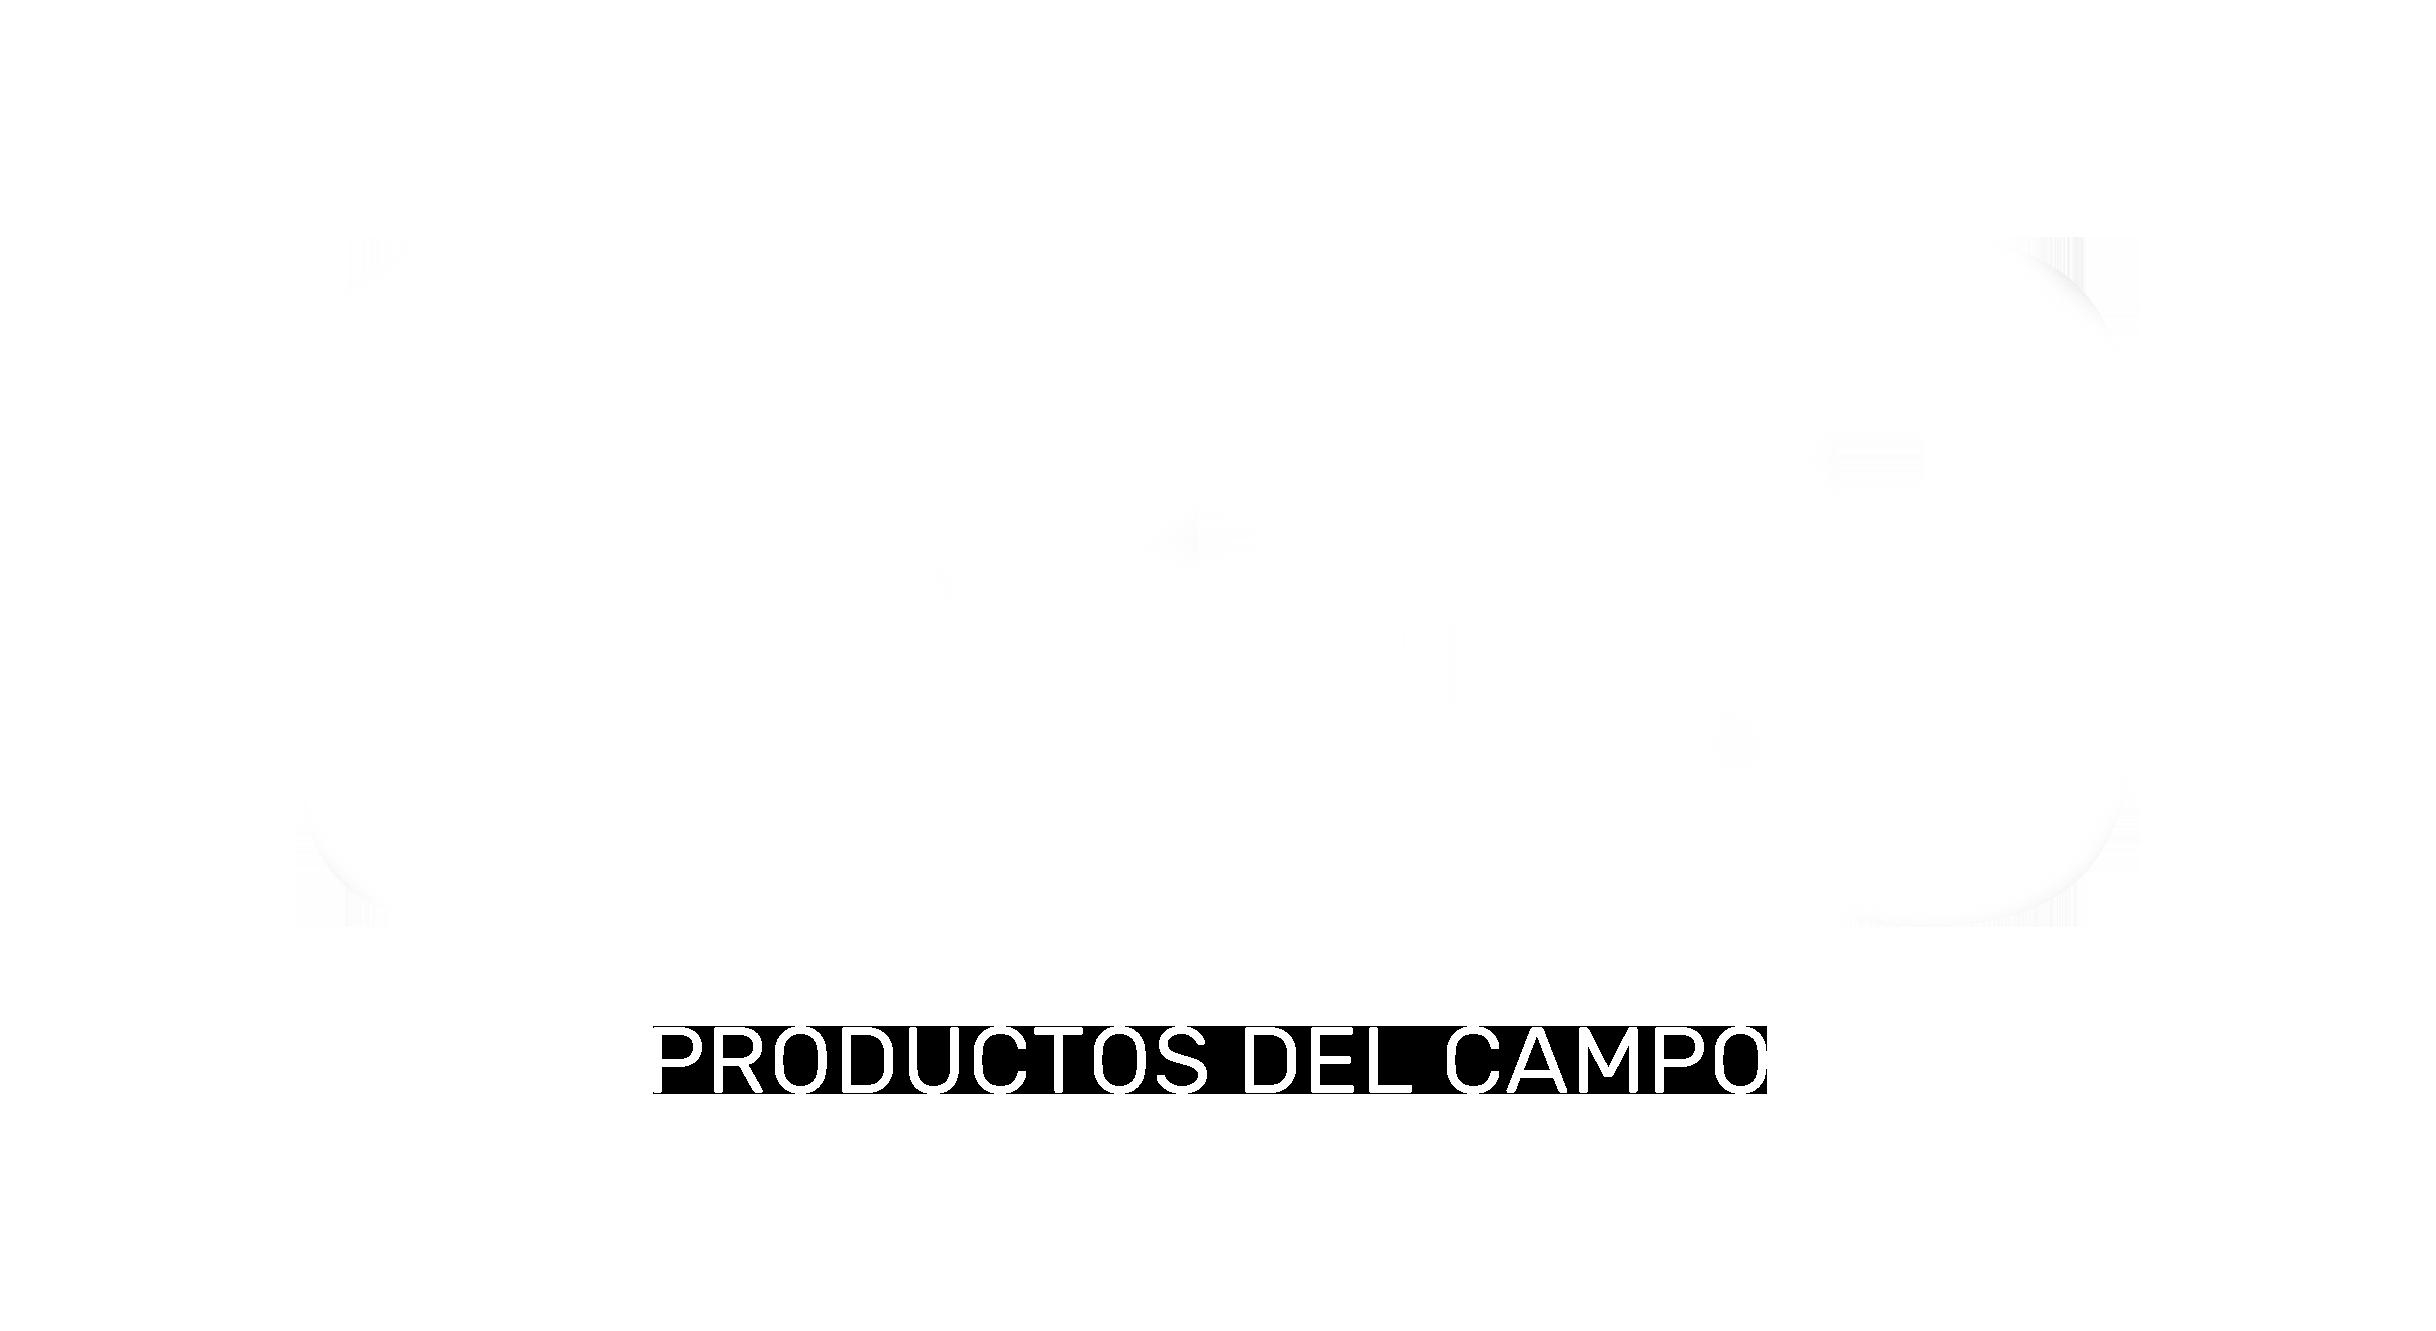 Productos del campo en Zamora